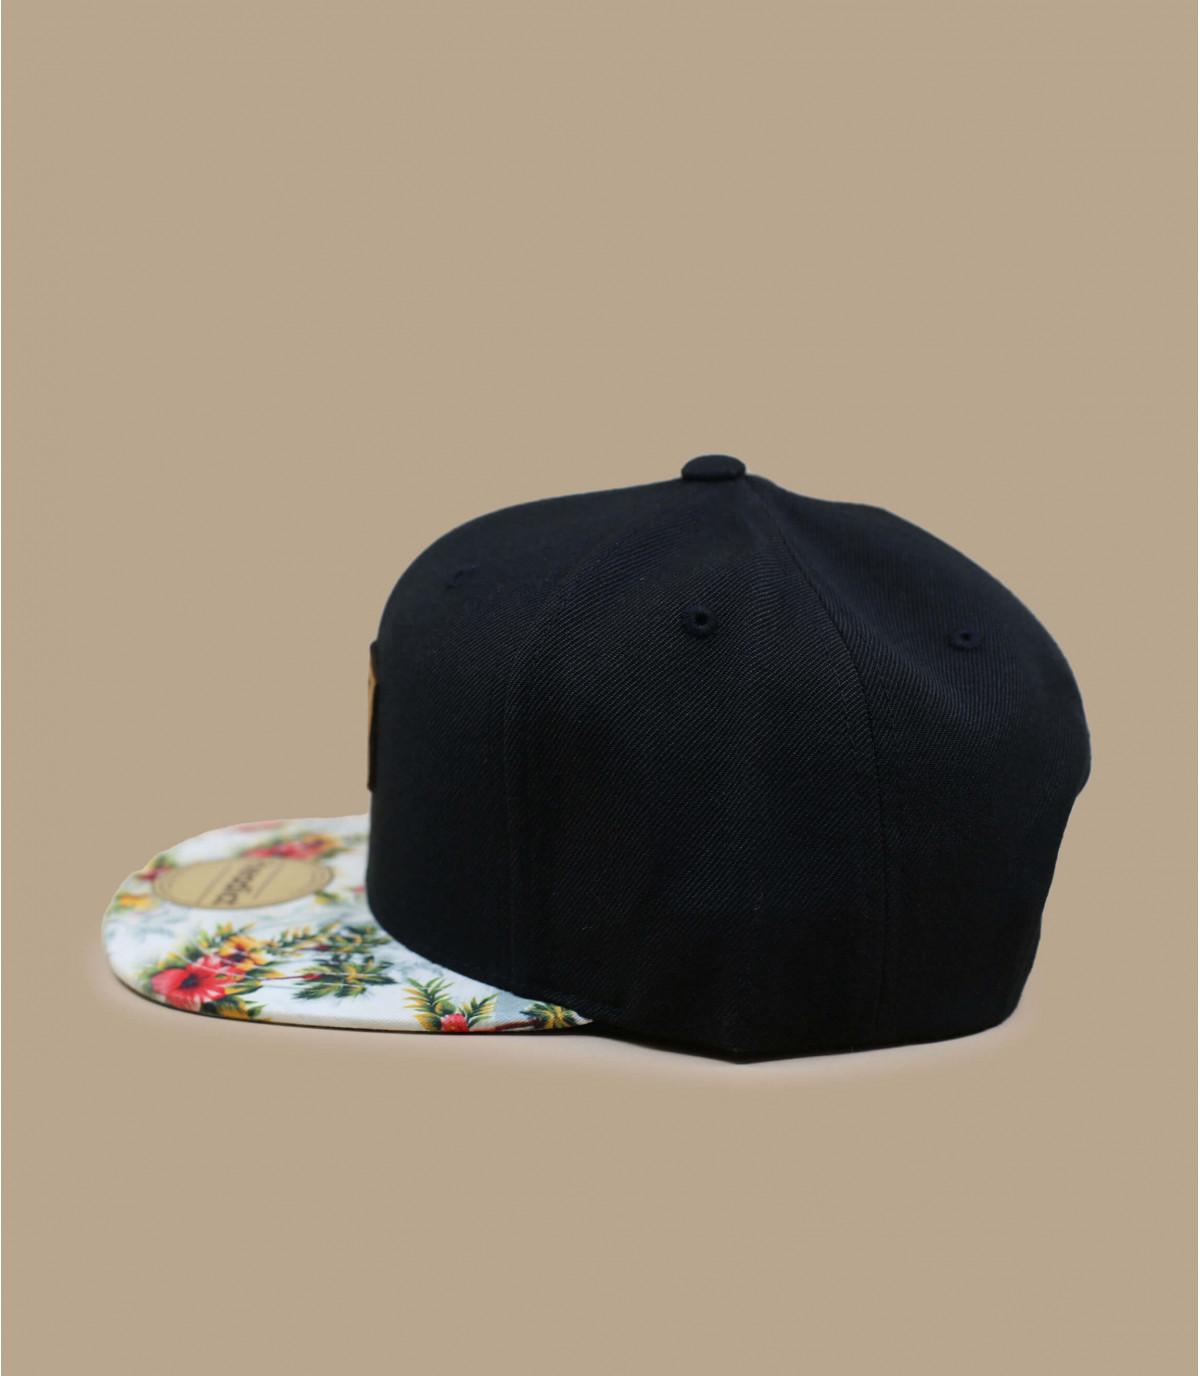 Details Snapback Let's Drive black floral - afbeeling 3